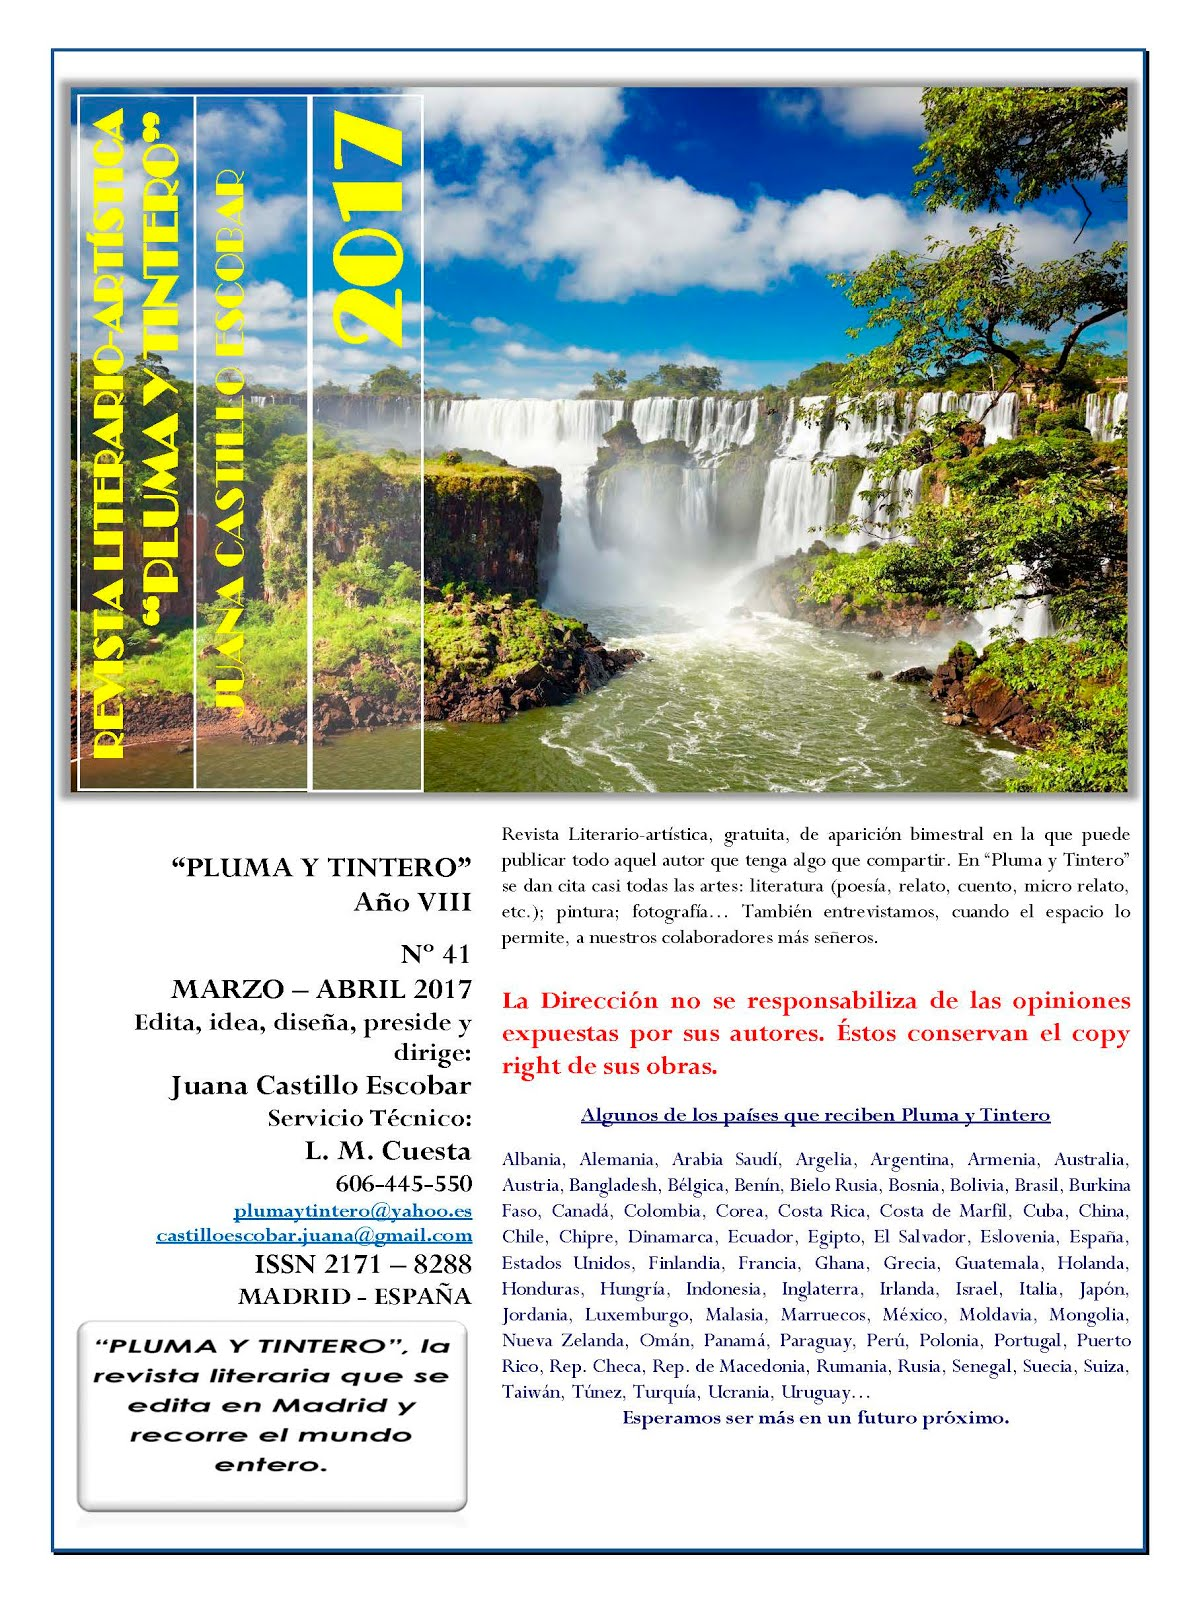 Revista Nº 41 - Año VIII - MARZO-ABRIL 2017